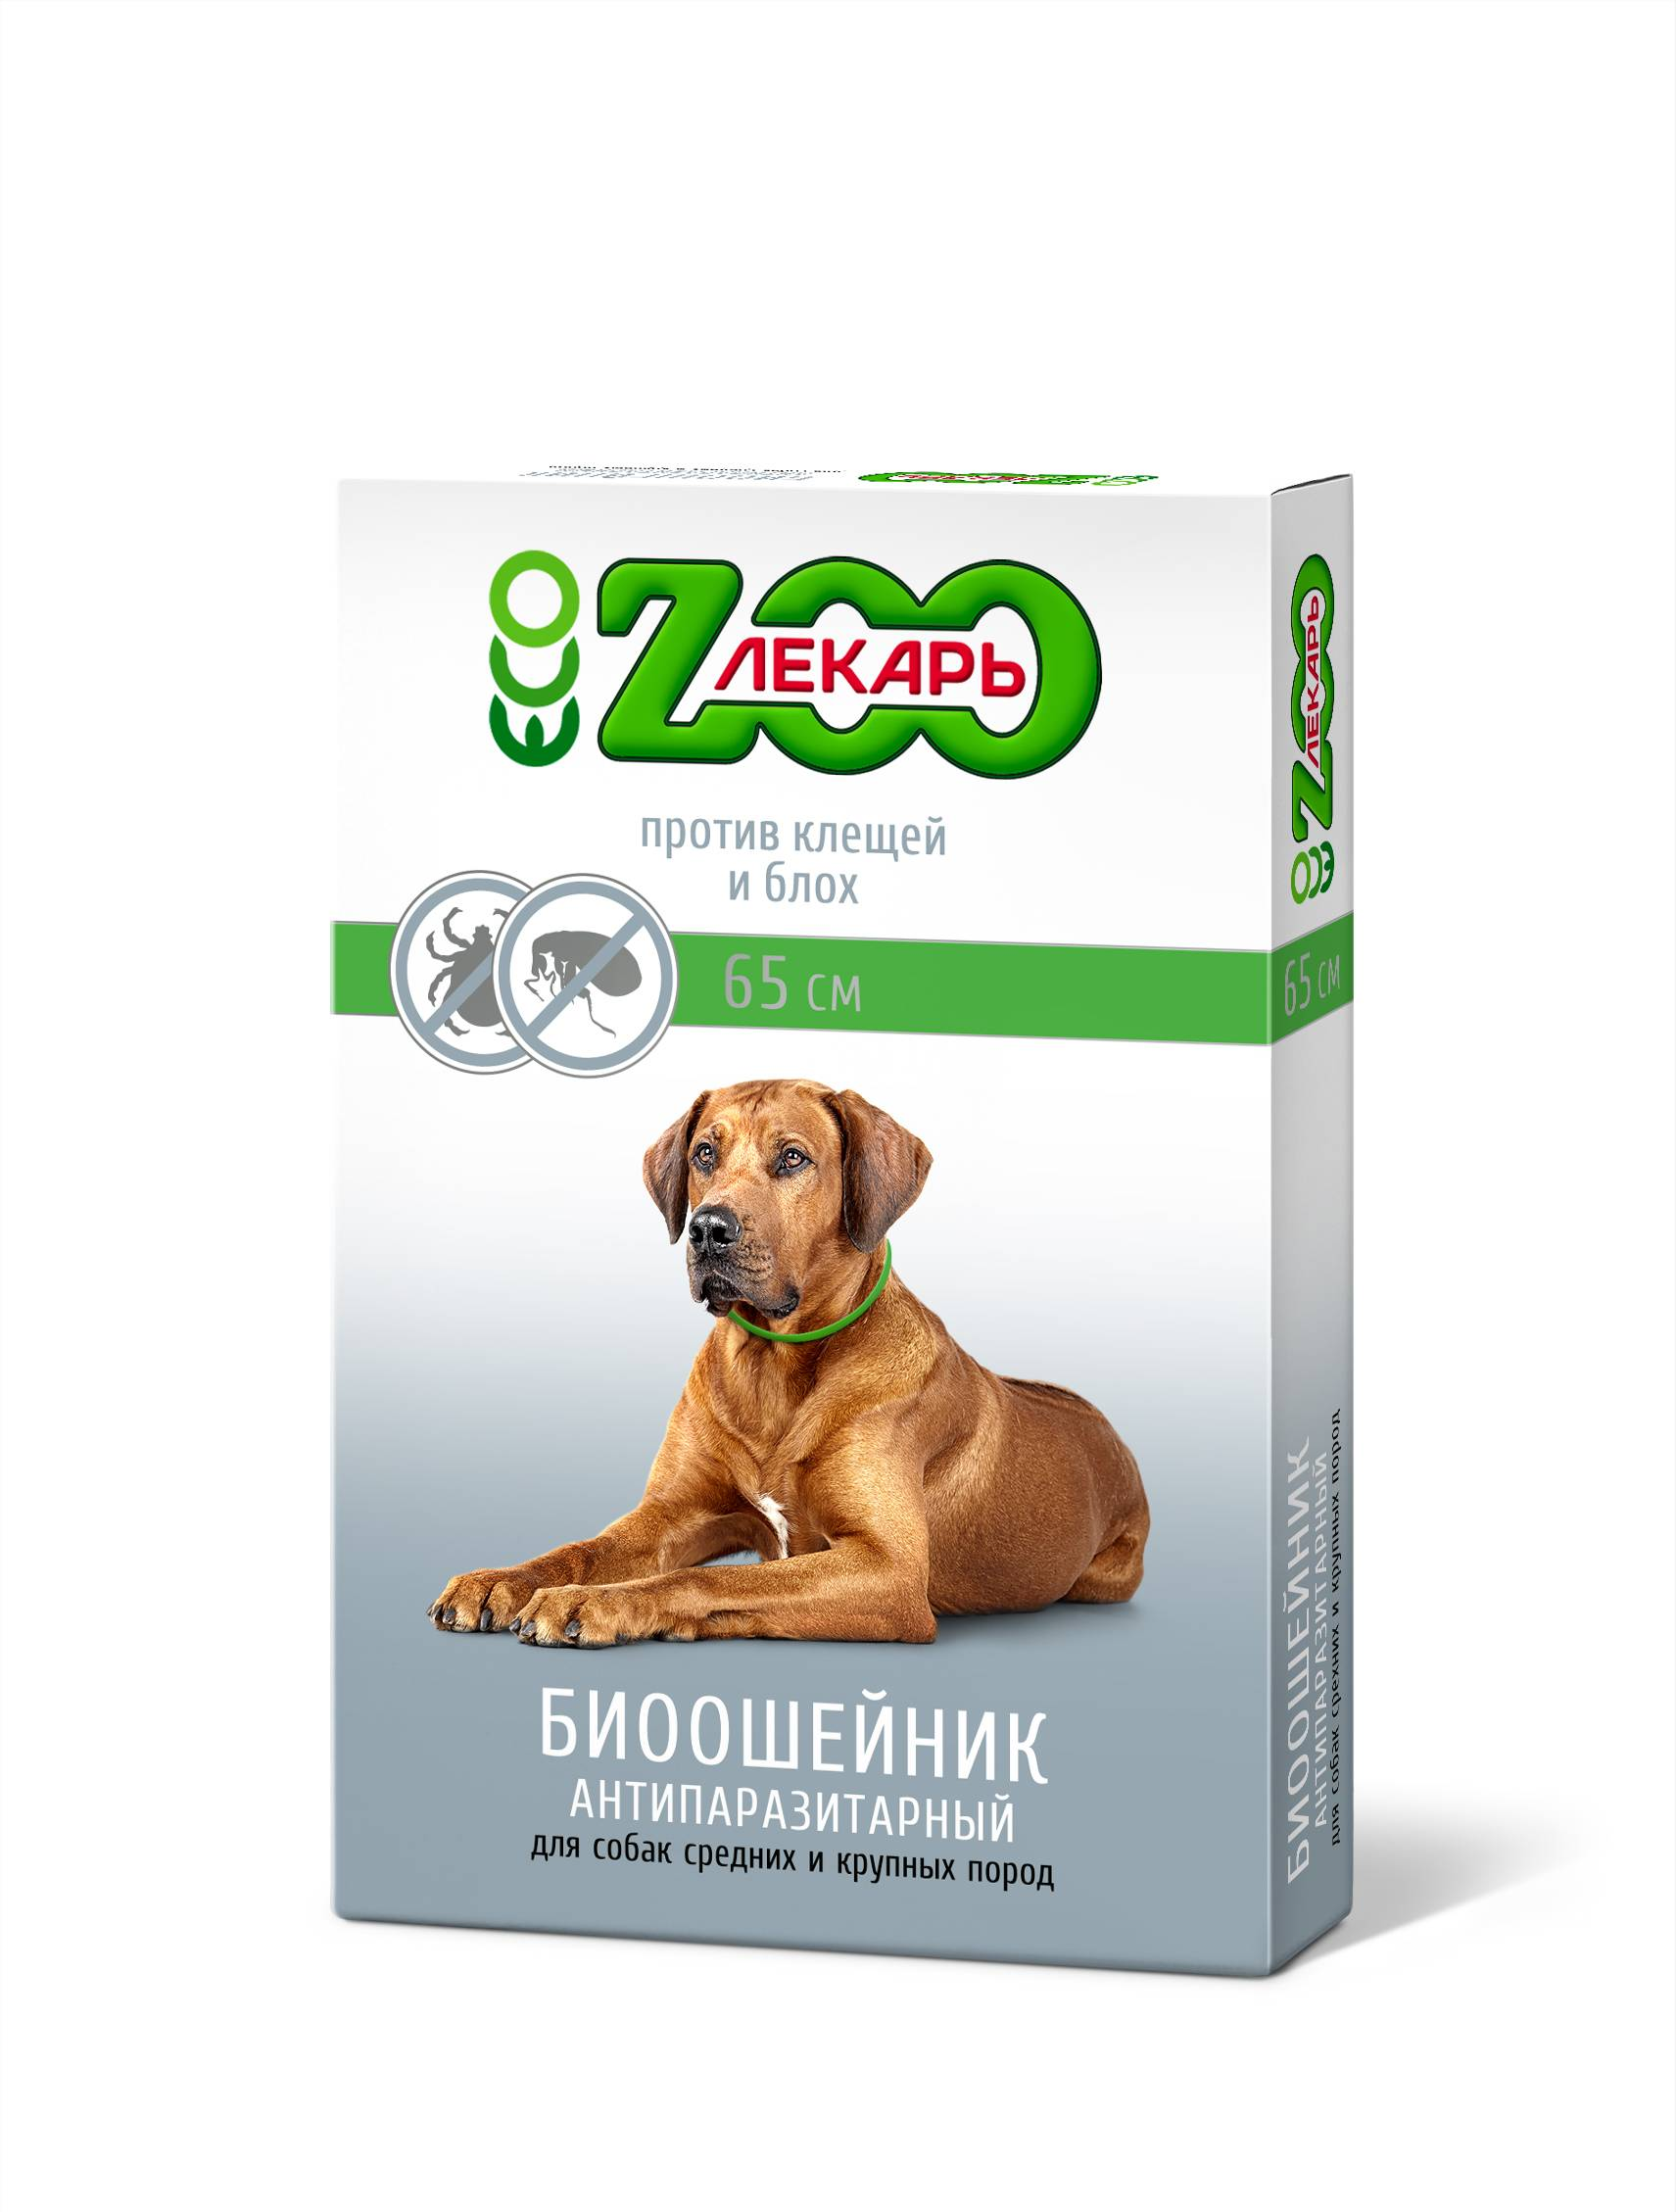 Ошейники для собак от блох и клещей: отзывы и инструкции